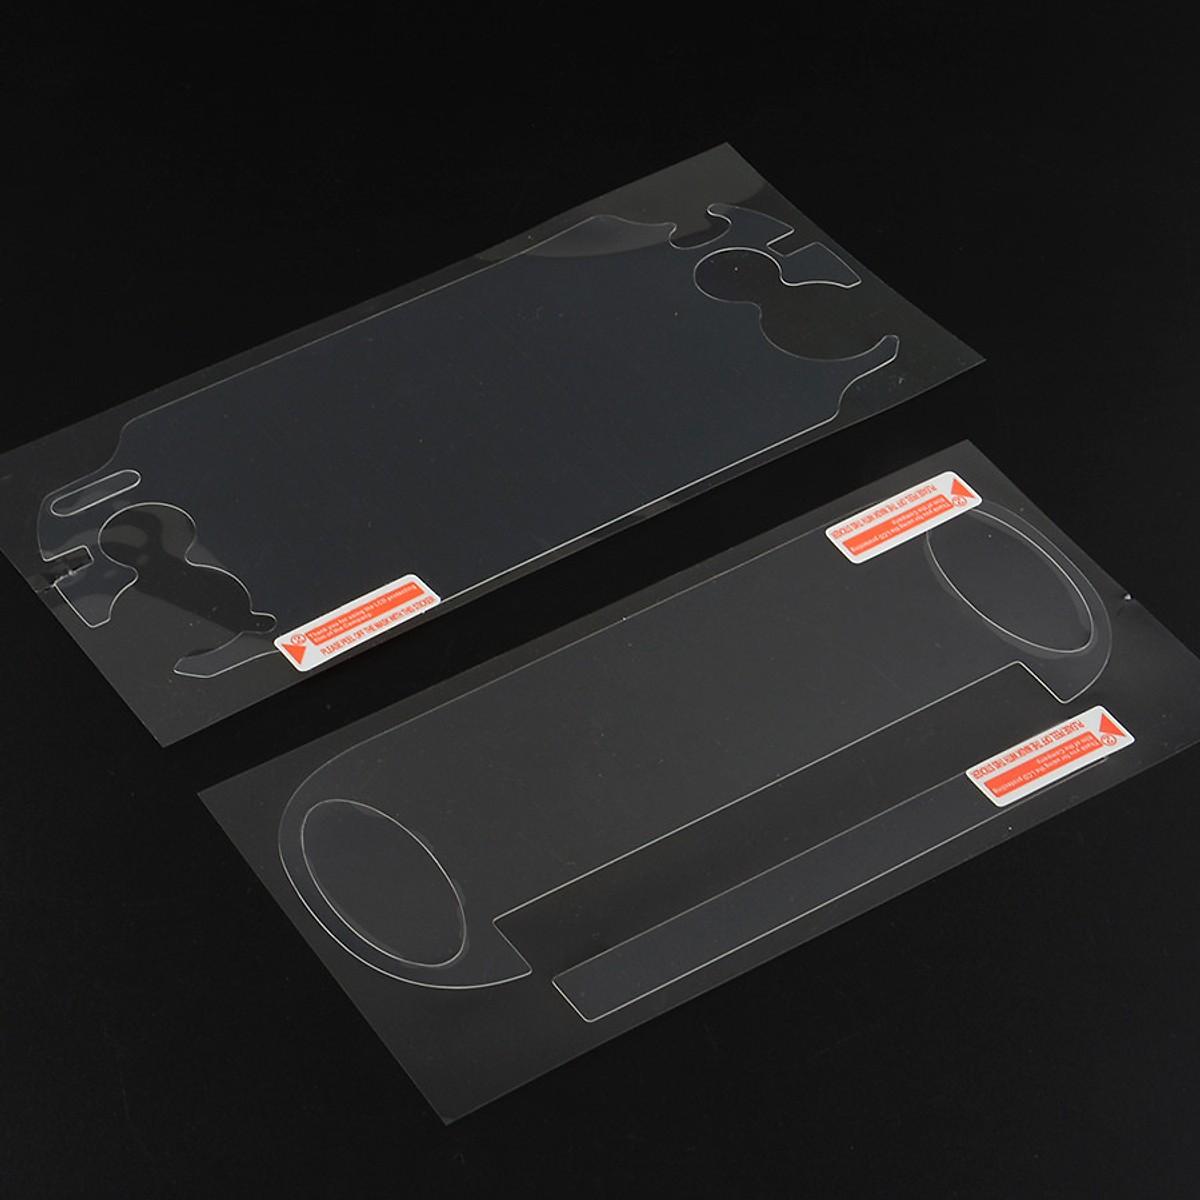 Miếng dán màn hình cho máy PS Vita 1000